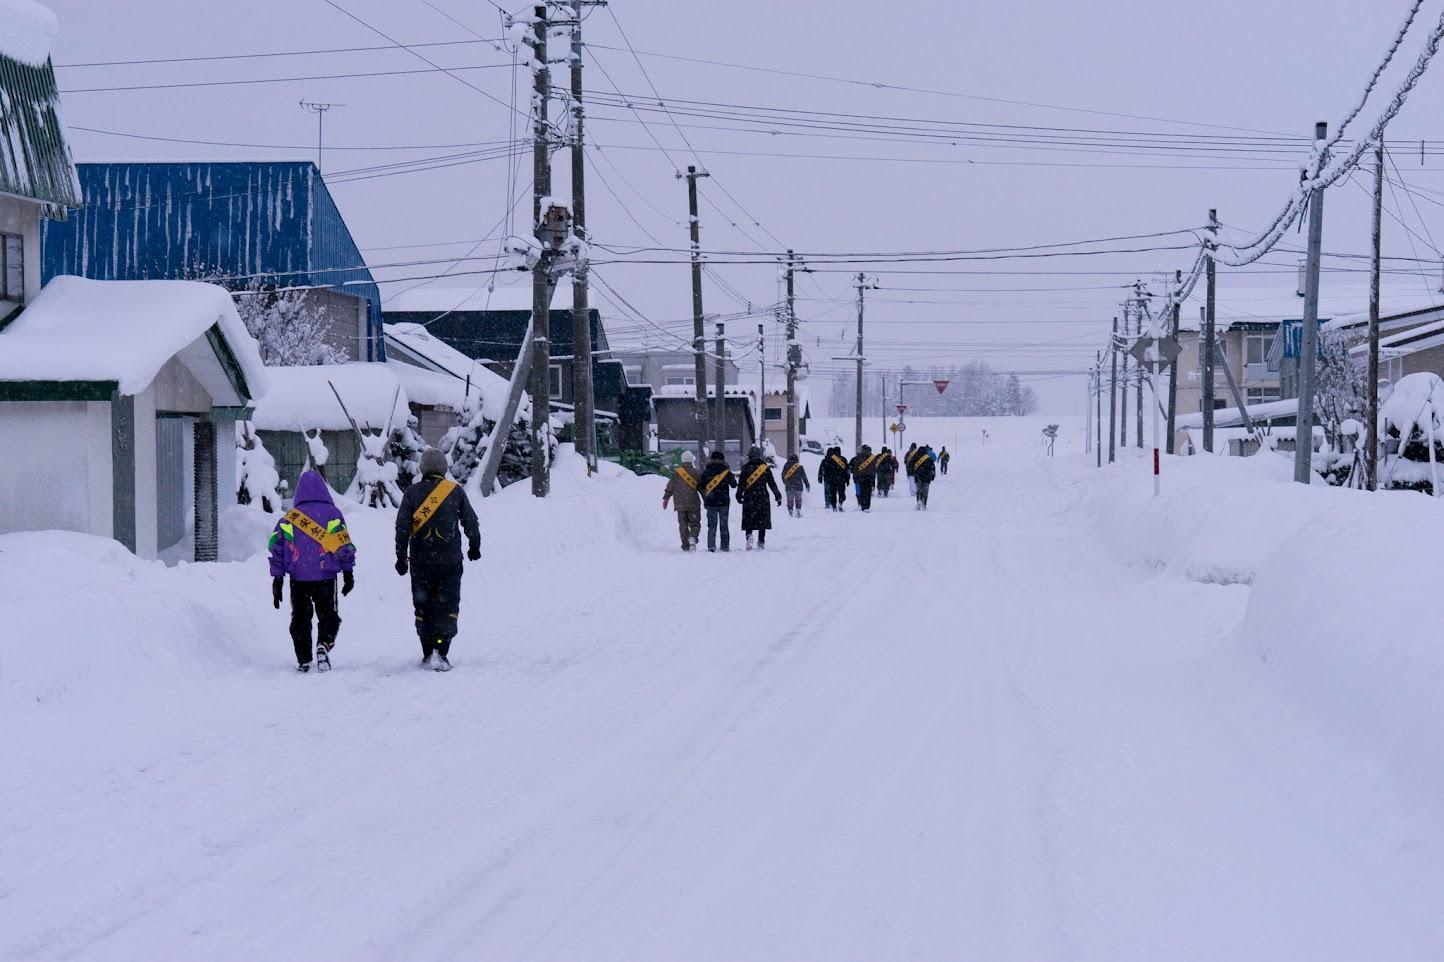 和市街を走るマラソン